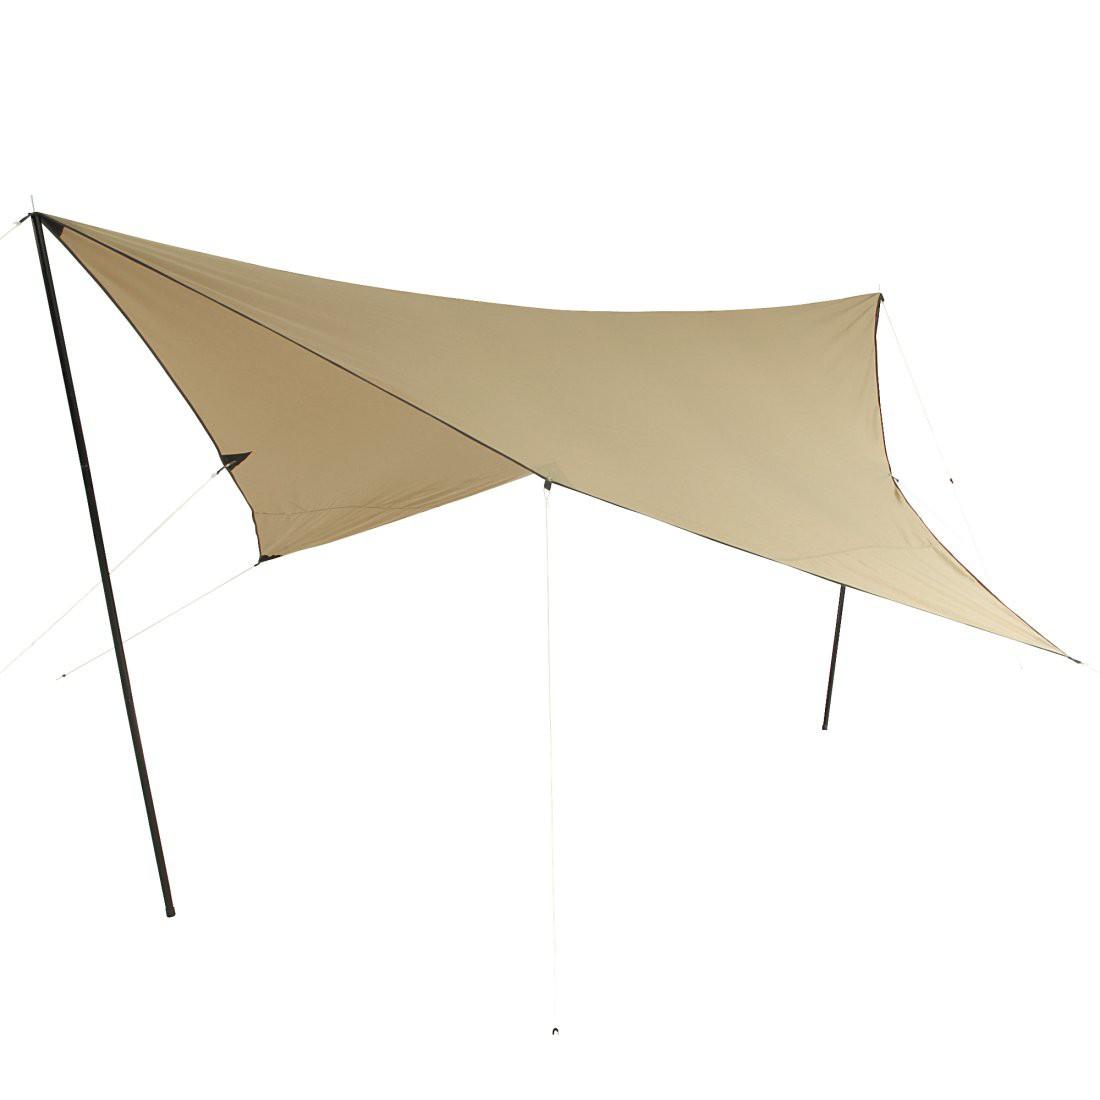 10t t c tarp 3x3 uv 50 sonnensegel 300x300 cm mit aufstell stangen und heringen 2000mm. Black Bedroom Furniture Sets. Home Design Ideas